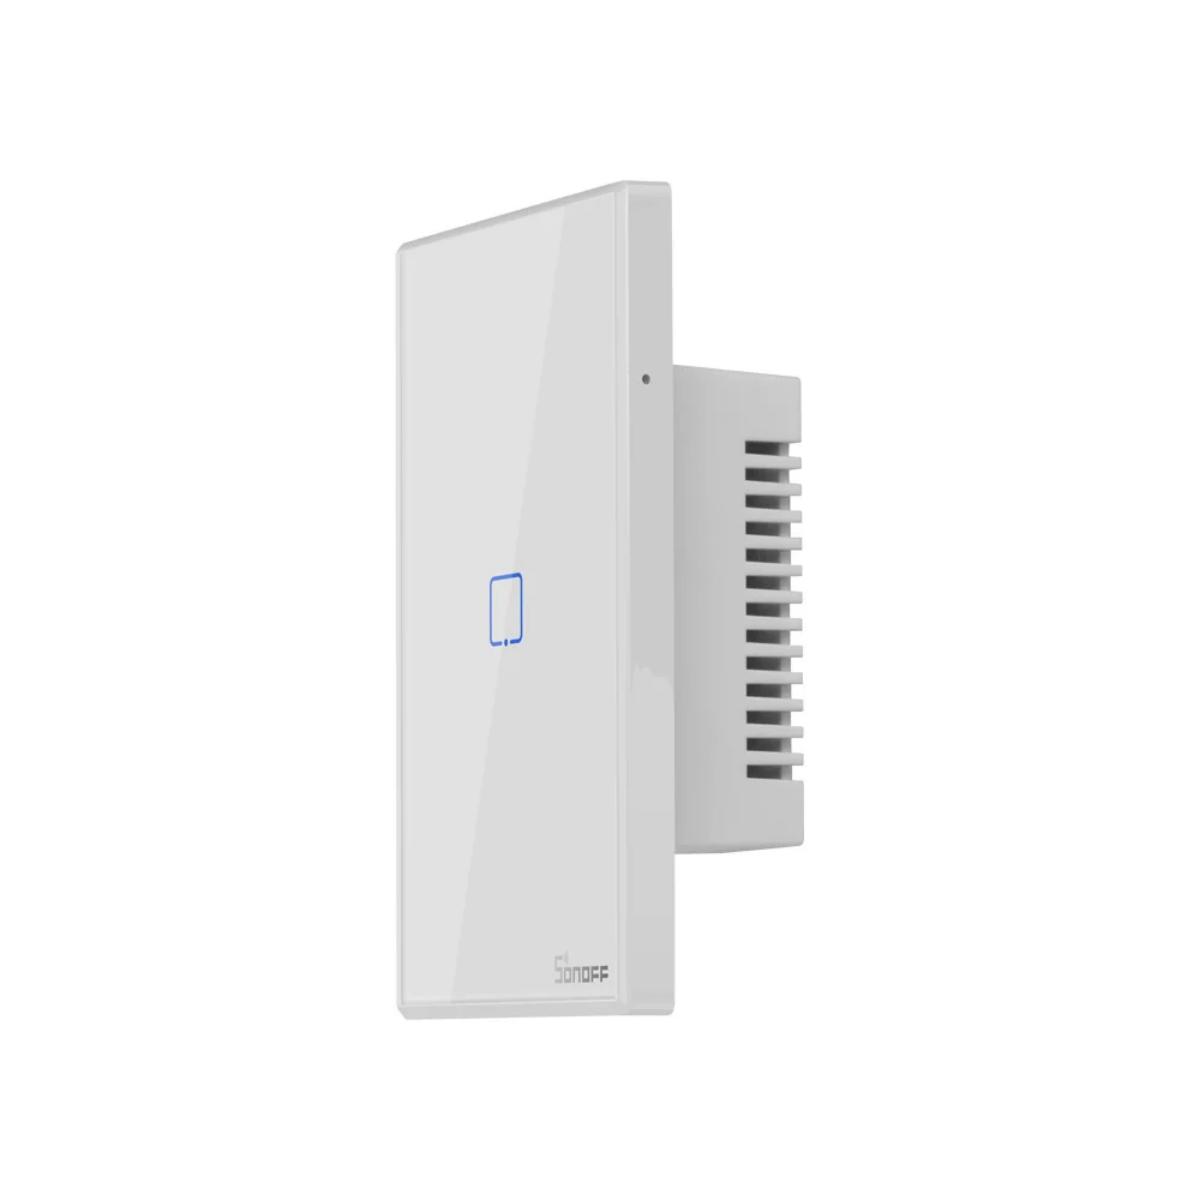 Interruptor de Pared Sonoff de 1 Canal WiFi + RF